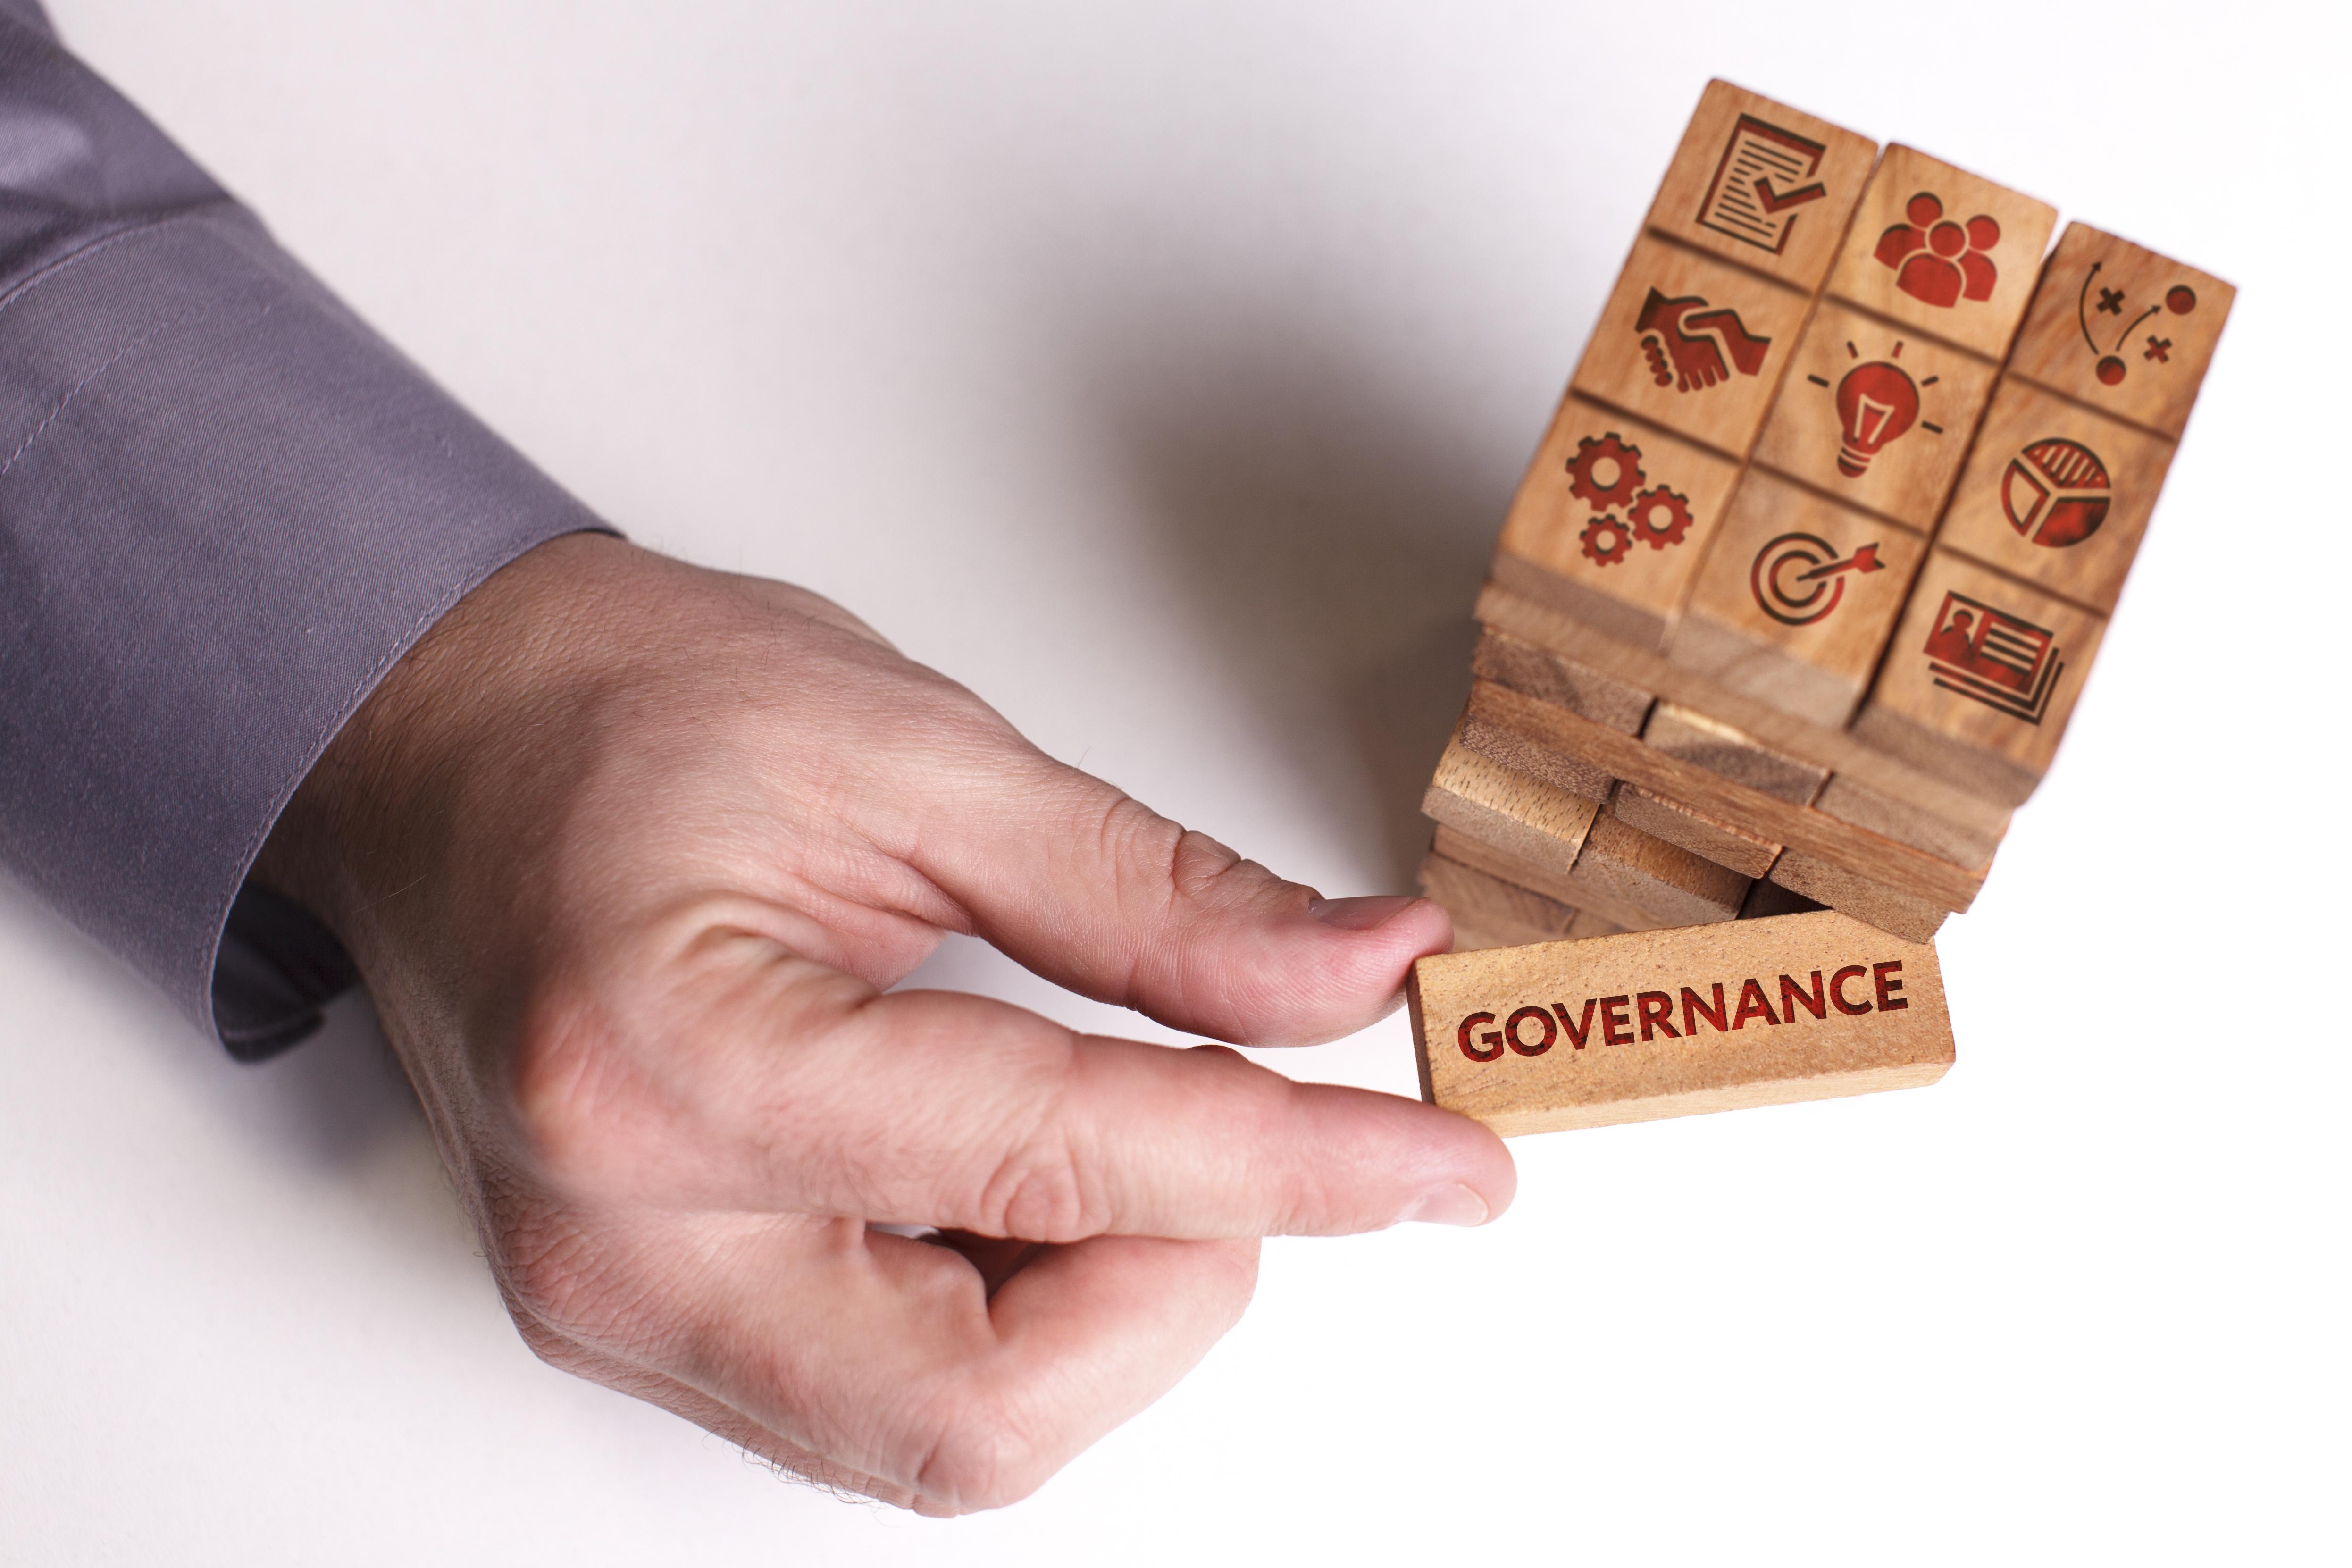 The business case for applying GDPR-level data governance across regions